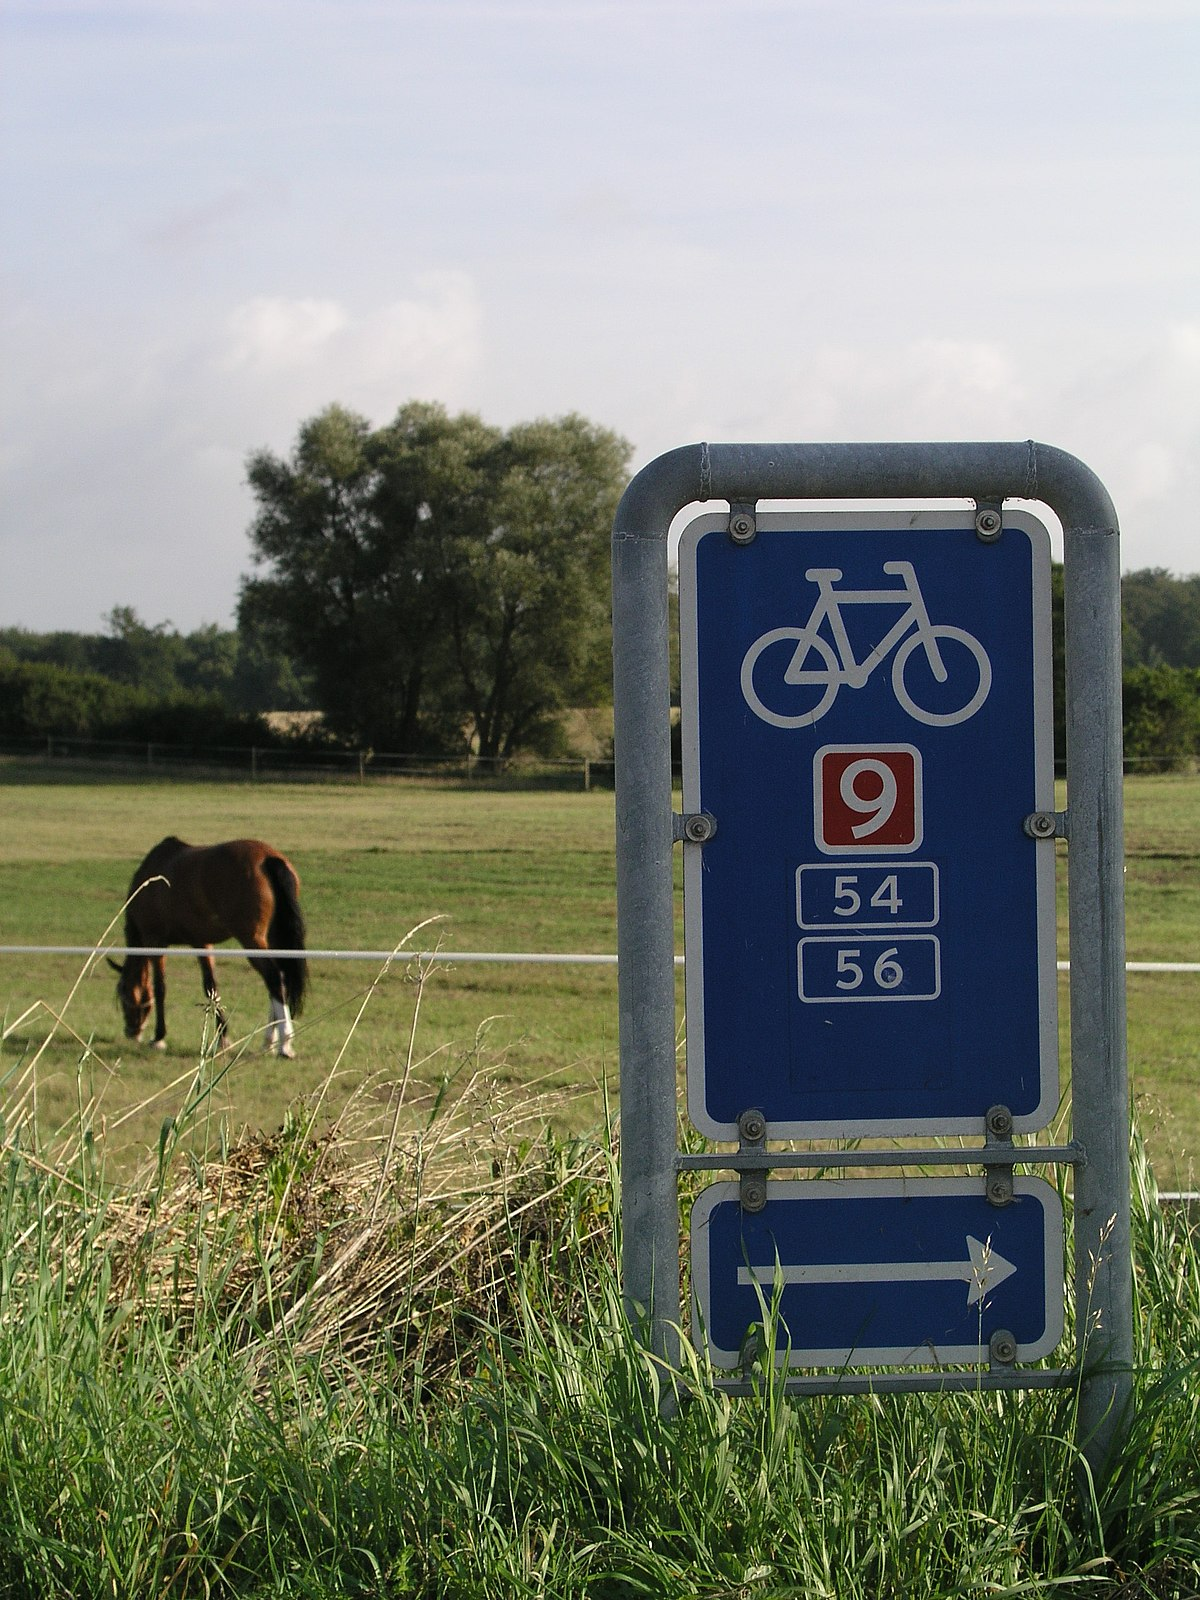 Danmarks Nationale Cykelruter Wikipedia Den Frie Encyklopaedi